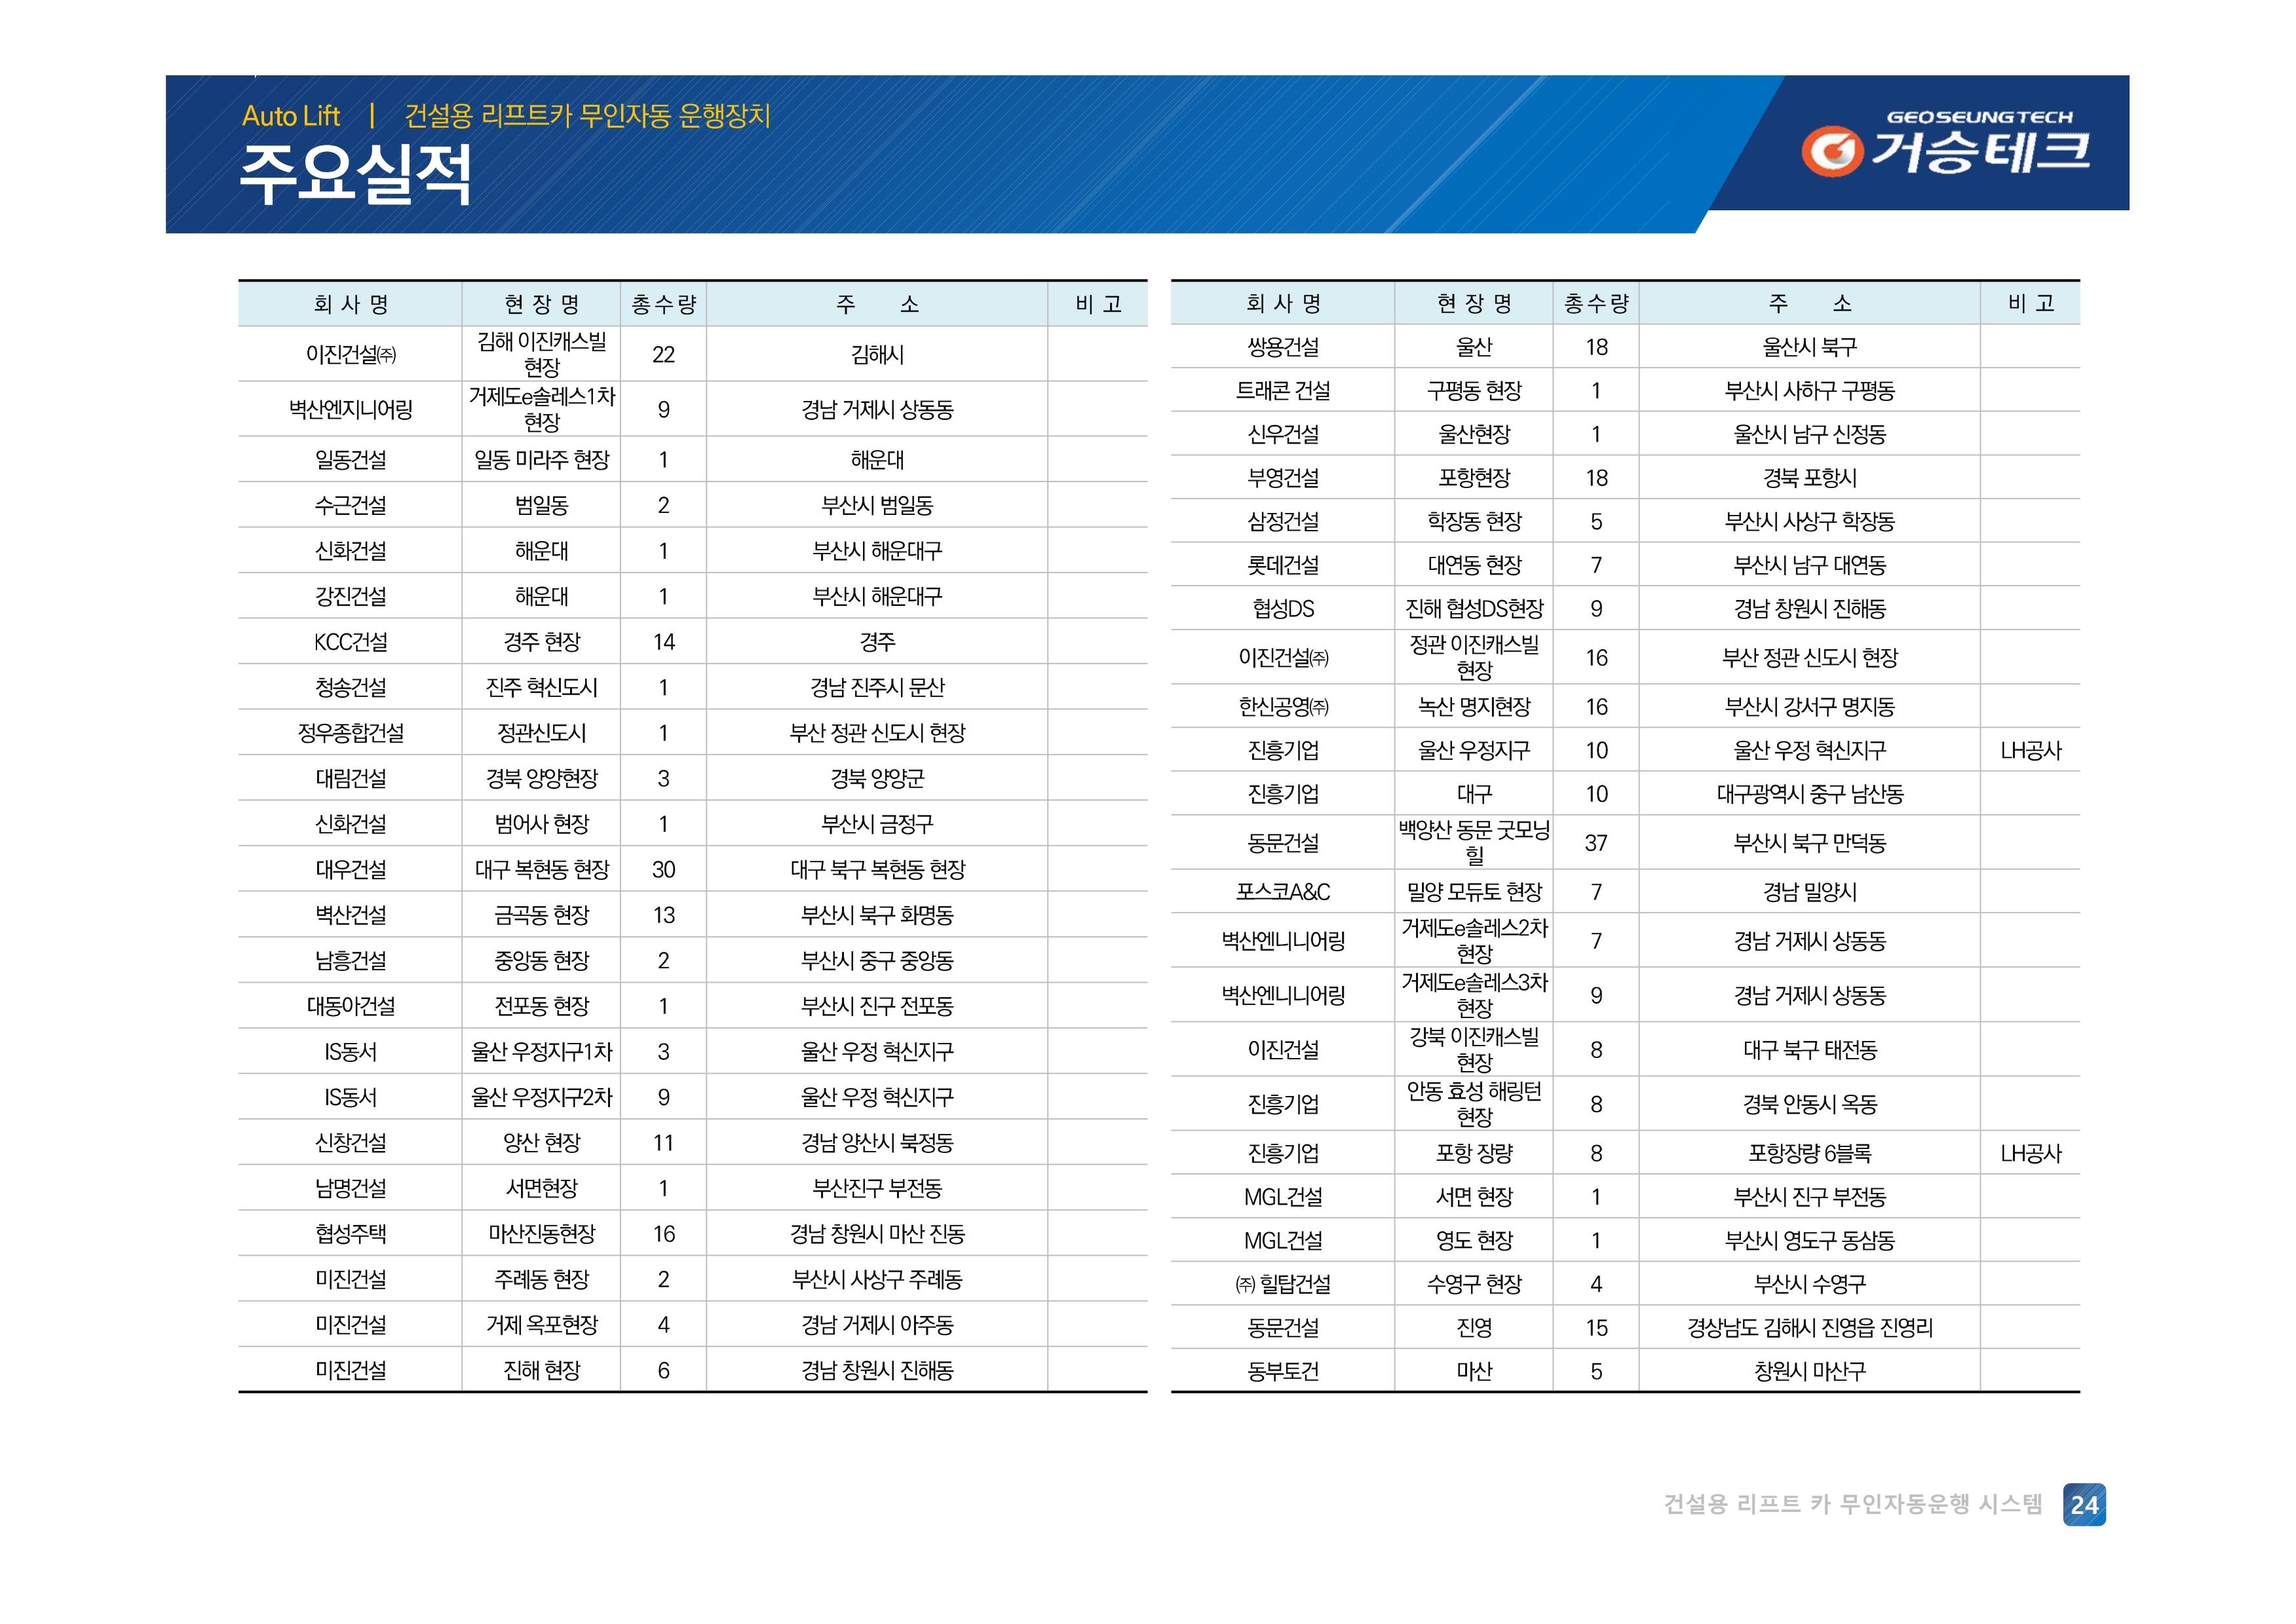 무인자동 (거승테크)-Rev01 (2020-07-22).pdf_page_24.jpg